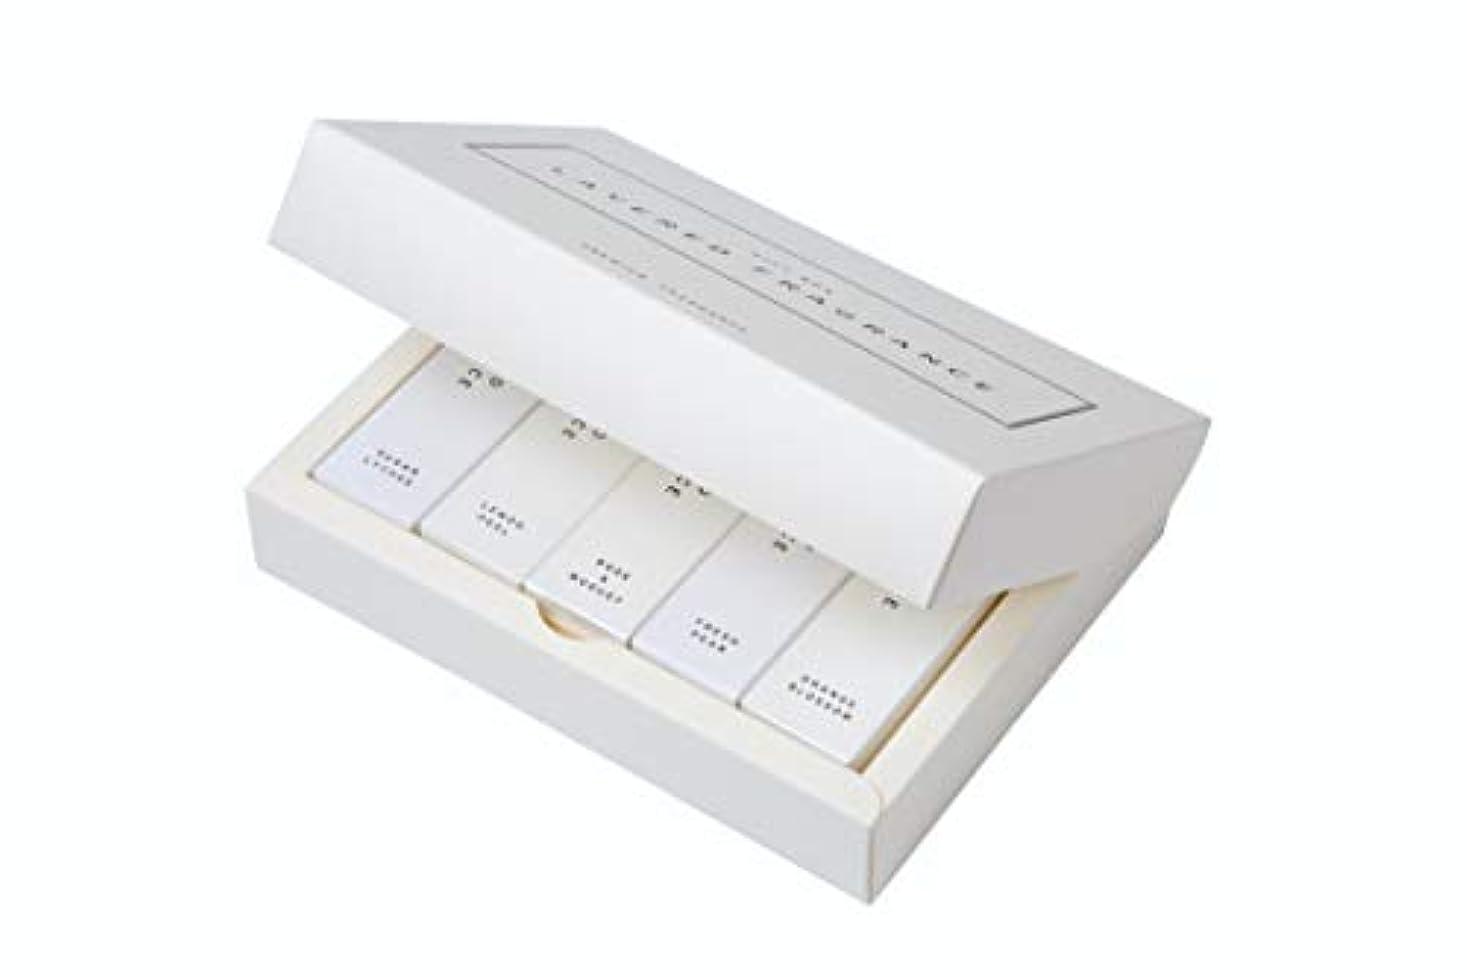 メリーはいバルクレイヤードフレグランス ボディスプレー ミニサイズ 5本ギフトセット(BOX付) LAYERED FRAGRANCE BODY SPRAY MINI SIZE GIFT SET with GIFT BOX